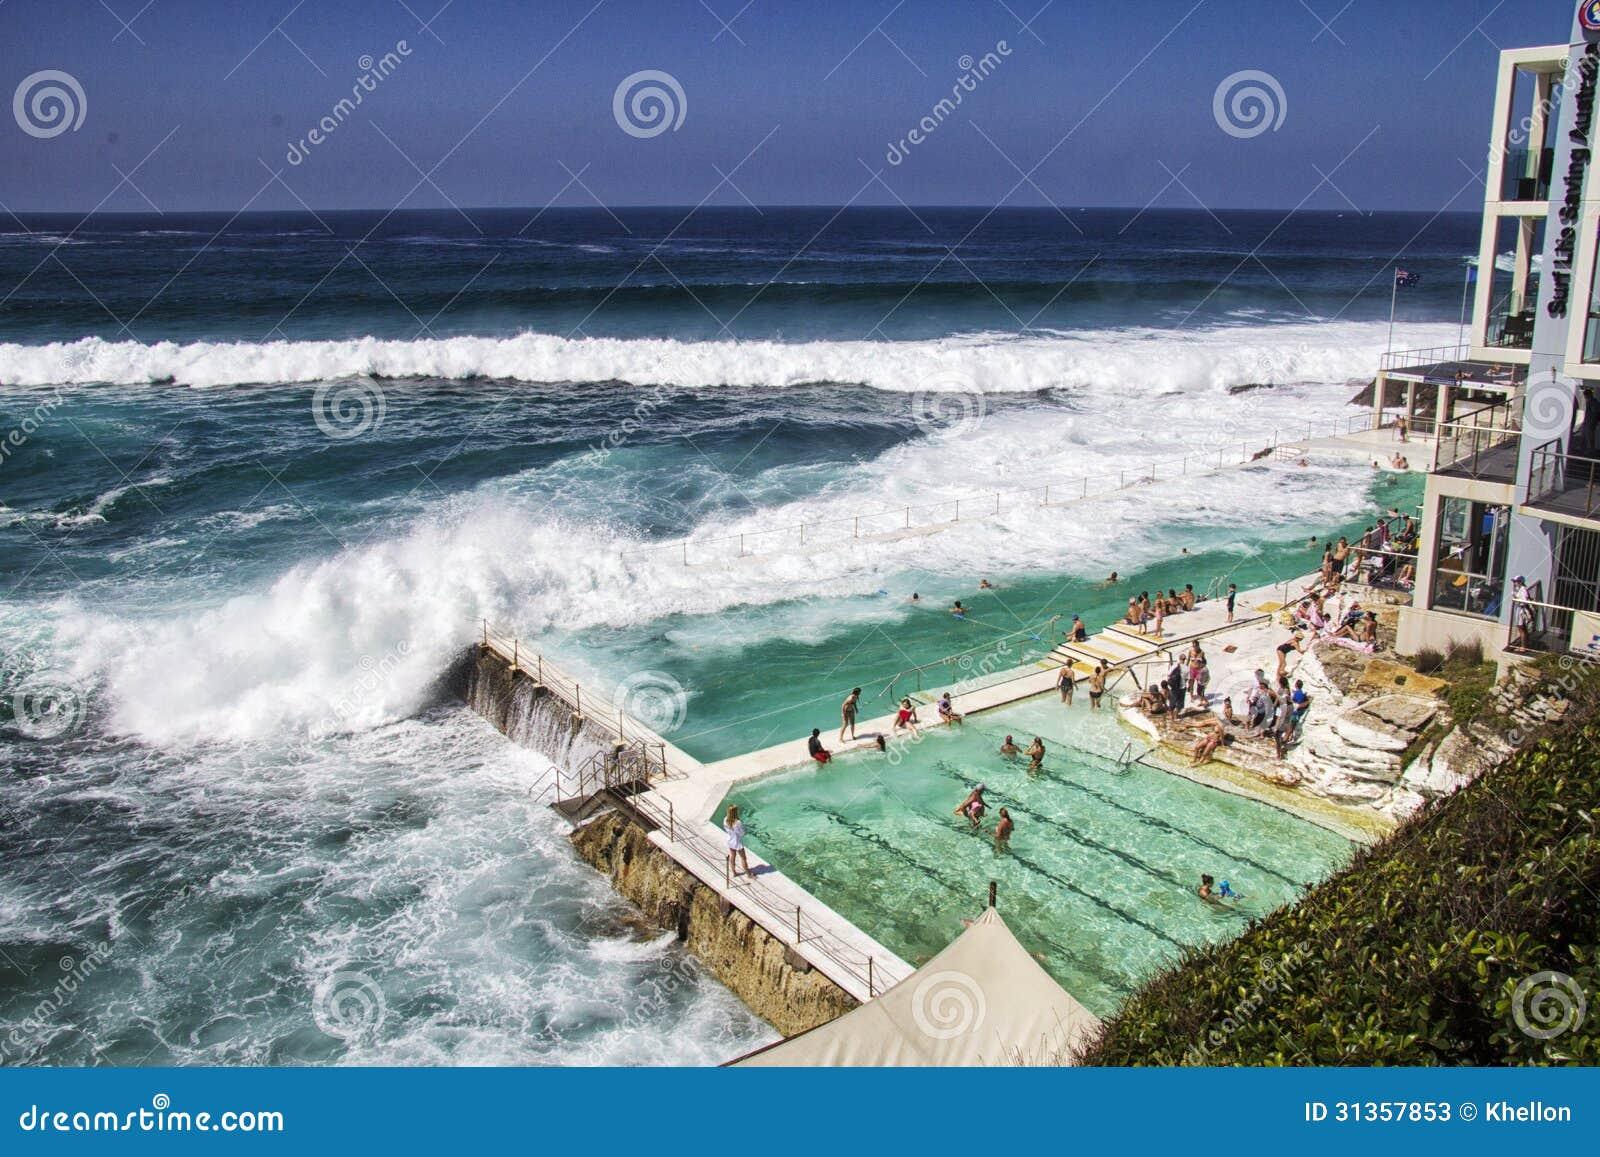 people sunbathing on Bondi Beach on Australia Day Stock